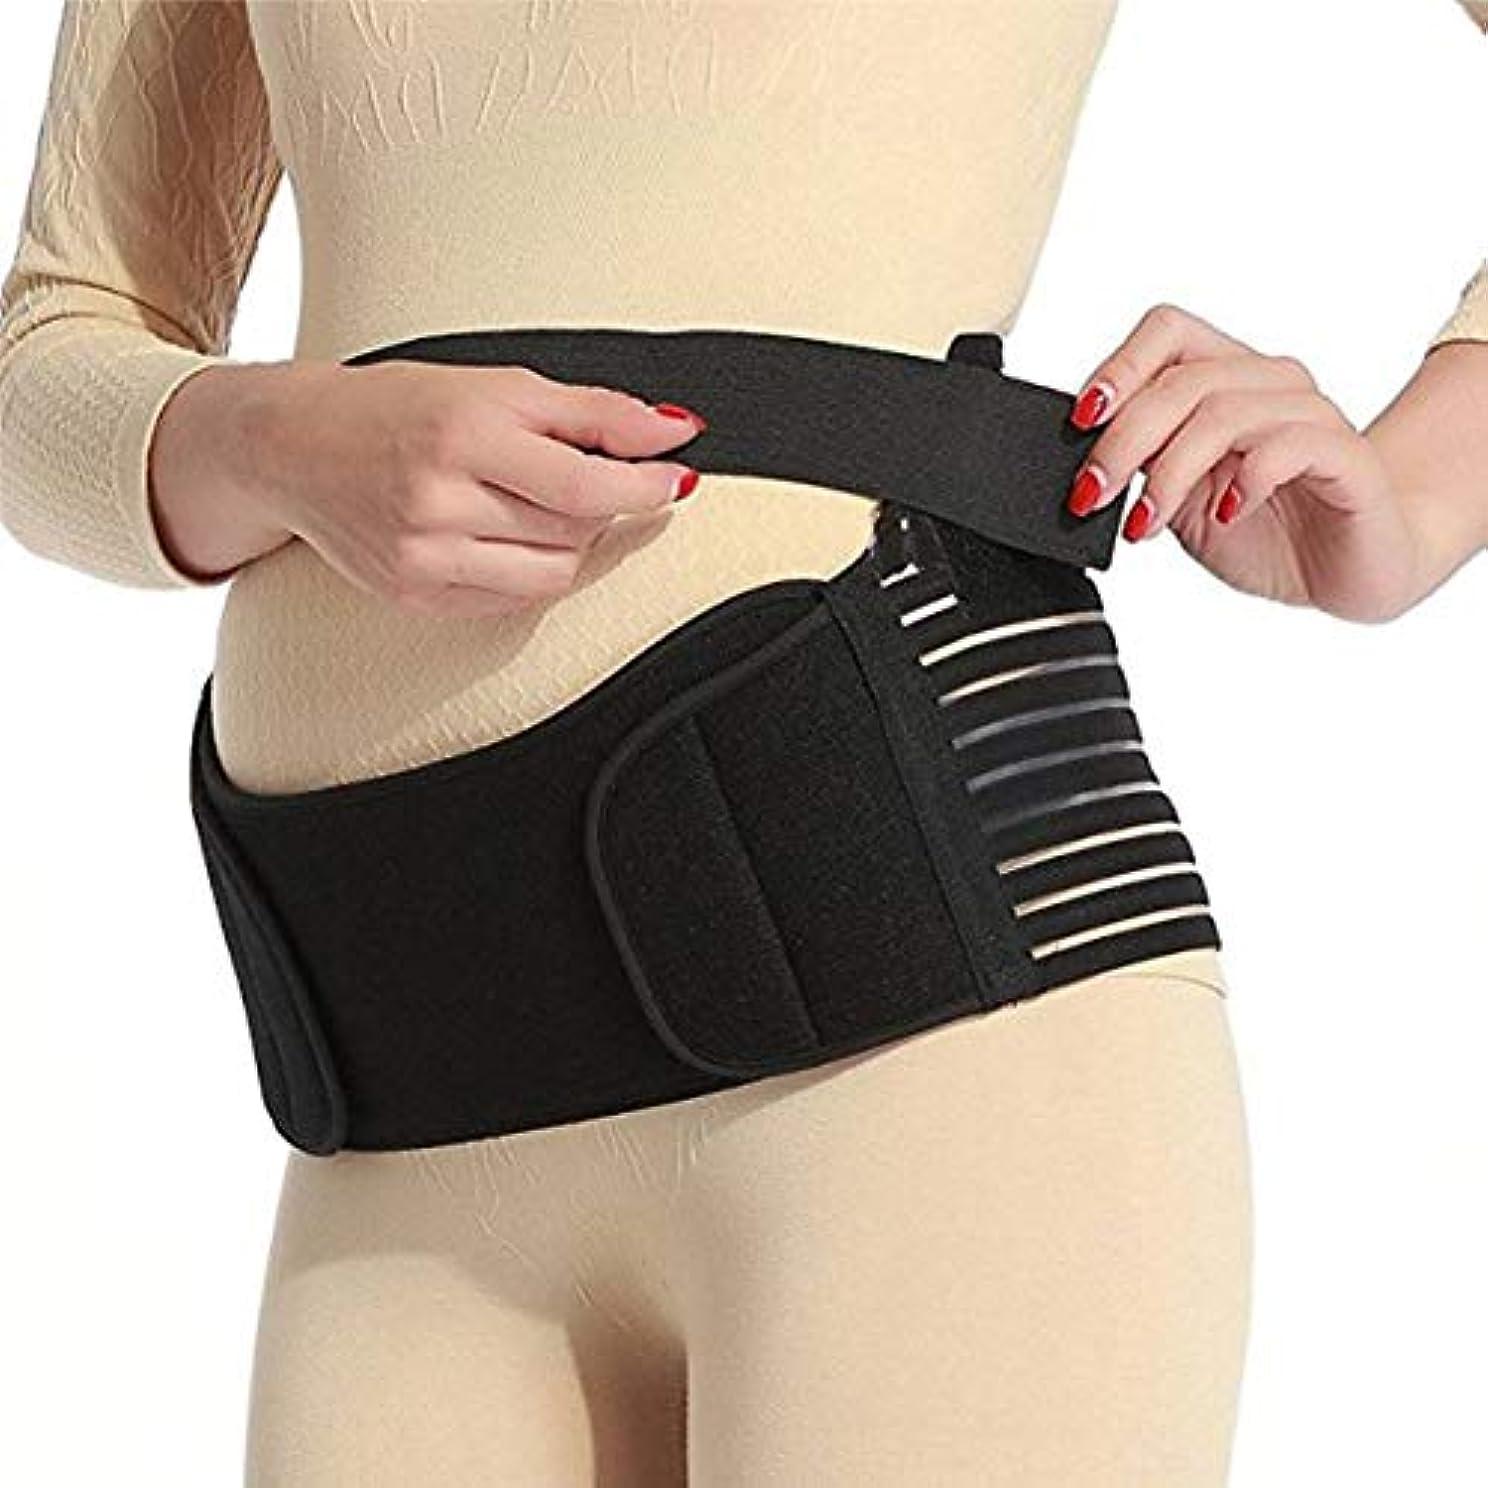 鎖タワースキム通気性マタニティベルト妊娠中の腹部サポート腹部バインダーガードル運動包帯産後の回復shapewear - ブラックM